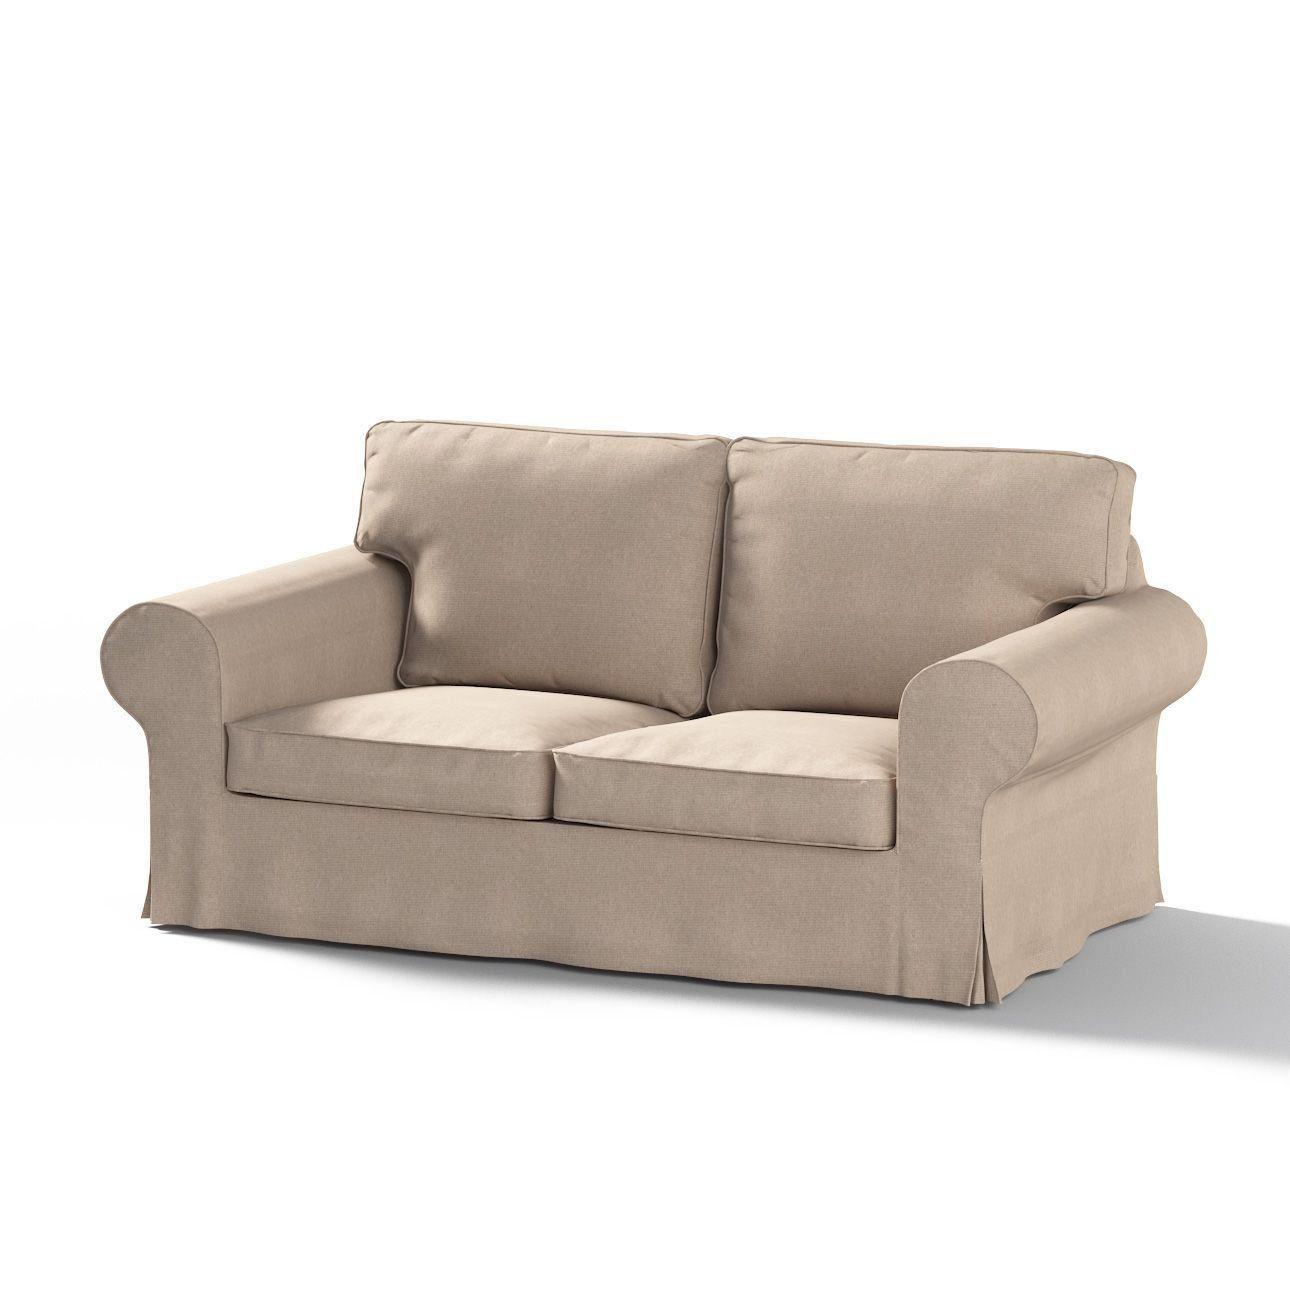 1,000 件以上の 「ikea 2 seater sofa」のおしゃれアイデアまとめ ...